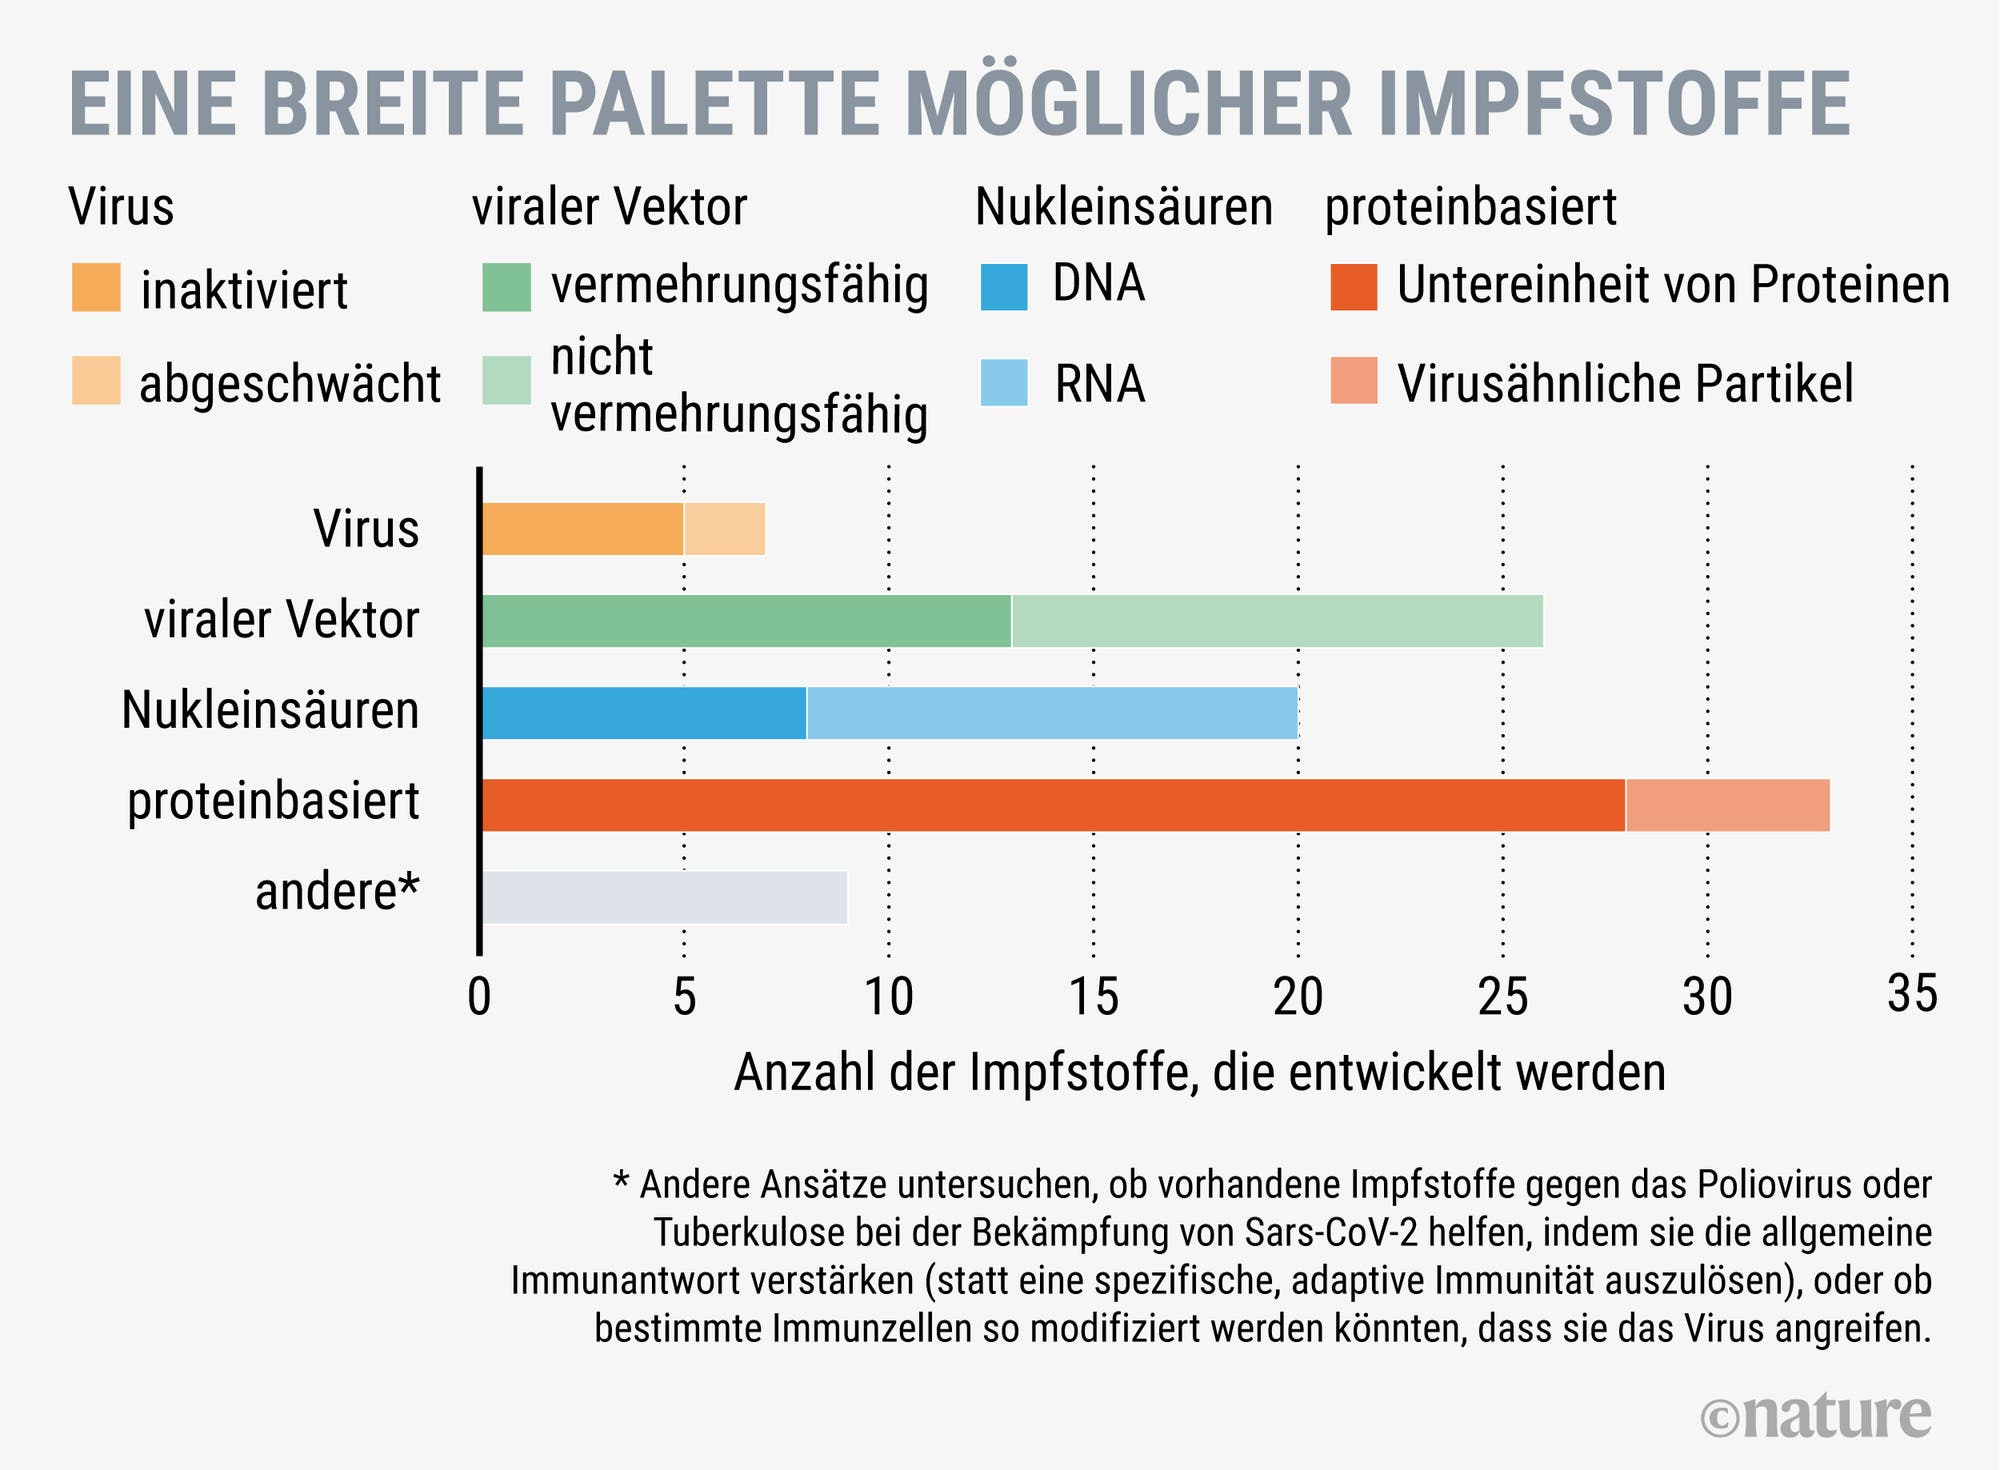 Impfstoffe gegen Sars-CoV-2, die momentan entwickelt werden